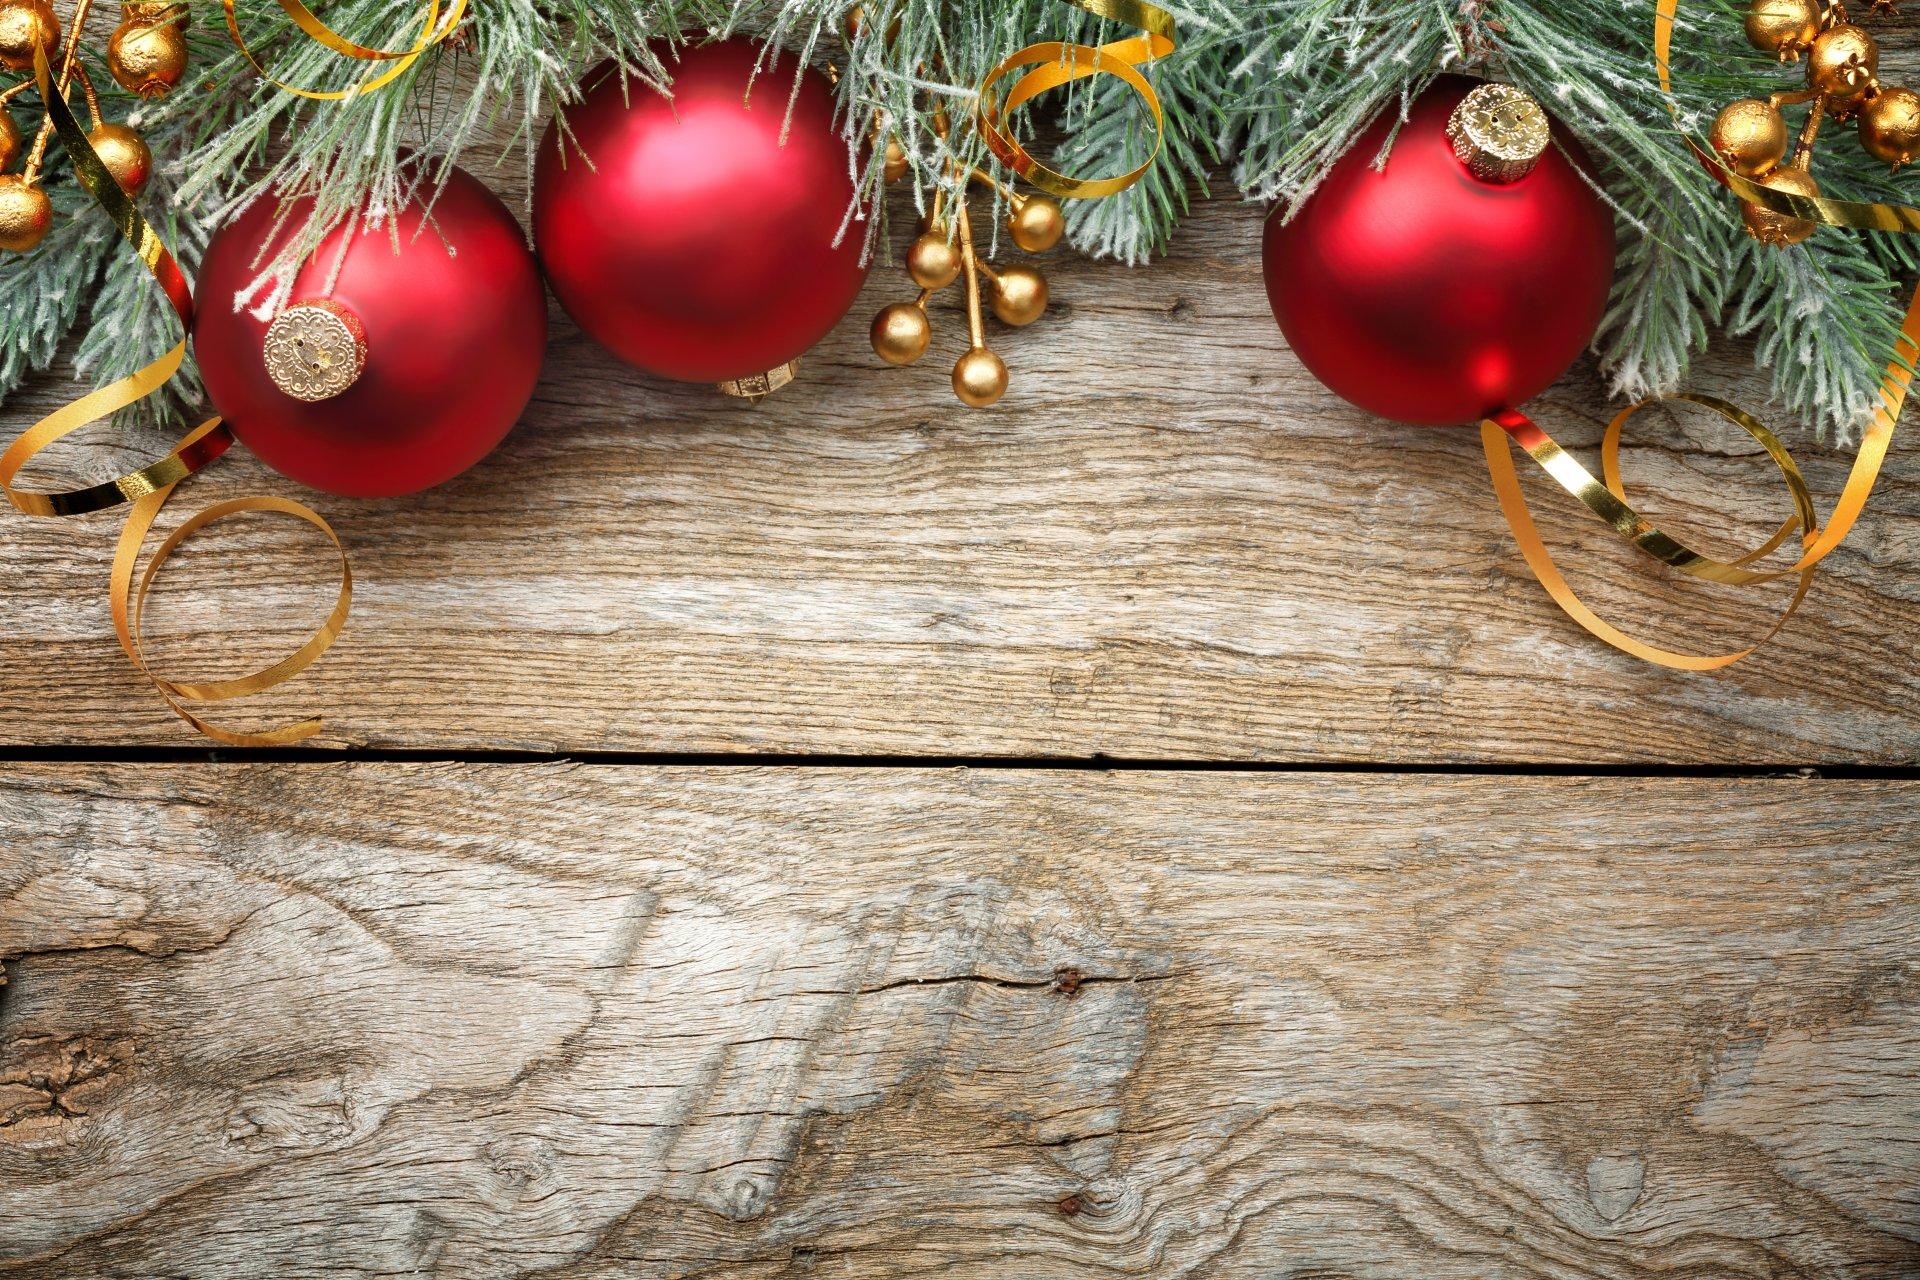 Картинки новый год фон дерево, время приключений картинка